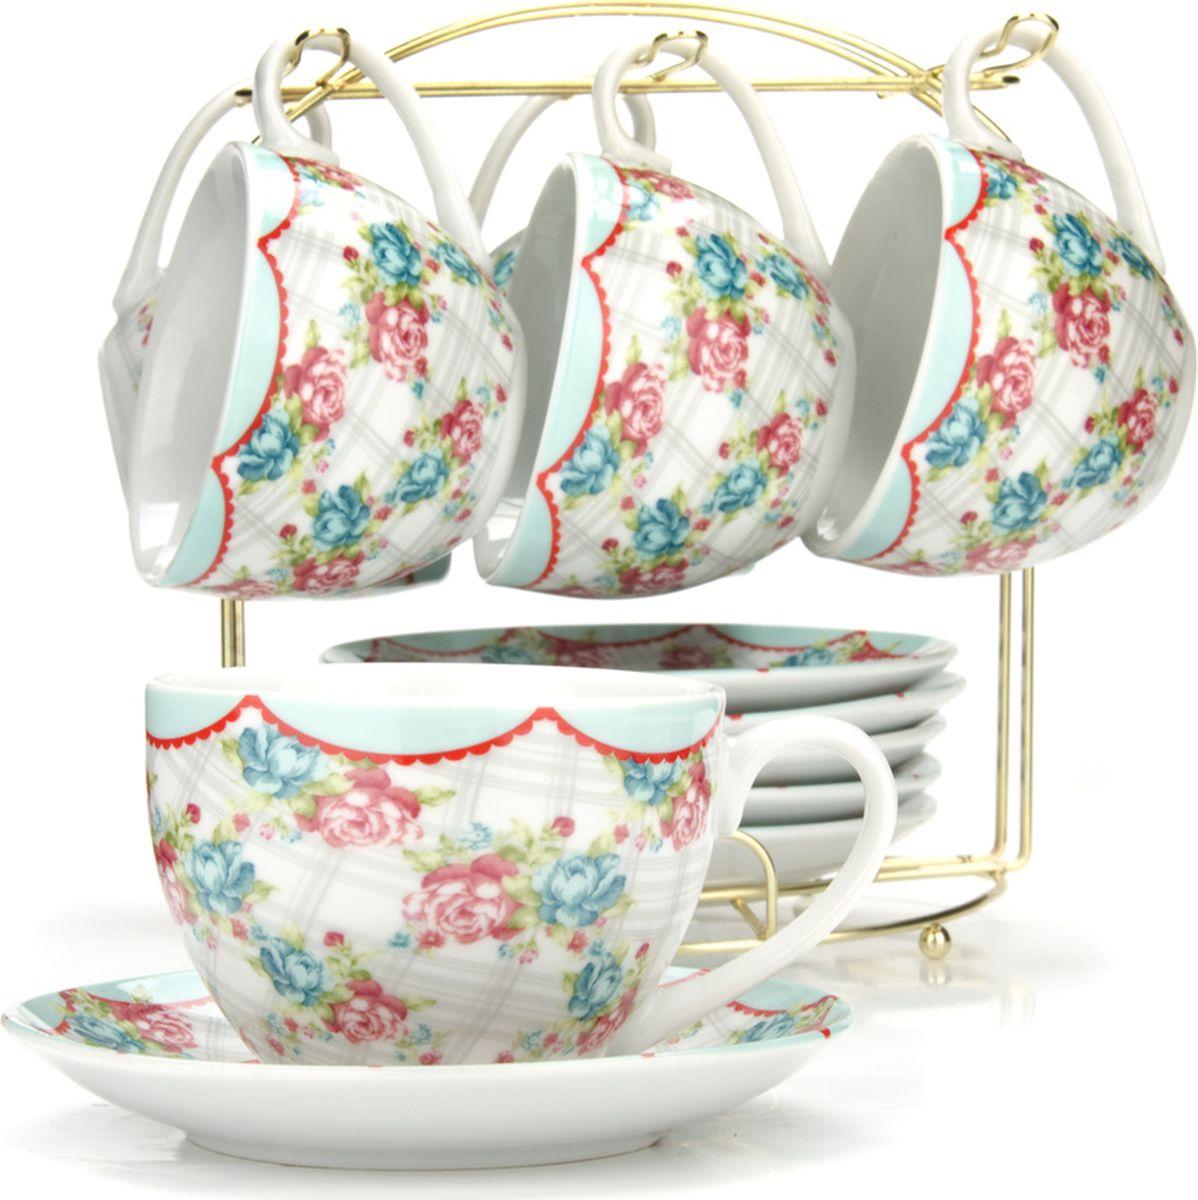 Сервиз чайный Loraine, на подставке, 13 предметов. 43299VT-1520(SR)Чайный набор состоит из шести чашек, шести блюдец и металлической подставки золотого цвета. Предметы набора изготовлены из качественного фарфора и оформлены красочным цветным рисунком. Чайный набор идеально подойдет для сервировки стола и станет отличным подарком к любому празднику. Все изделия можно компактно хранить на подставке, входящей в набор. Подходит для мытья в посудомоечной машине.Диаметр чашки: 9 см.Высота чашки: 7 см.Объем чашки: 220 мл.Диаметр блюдца: 14 см.